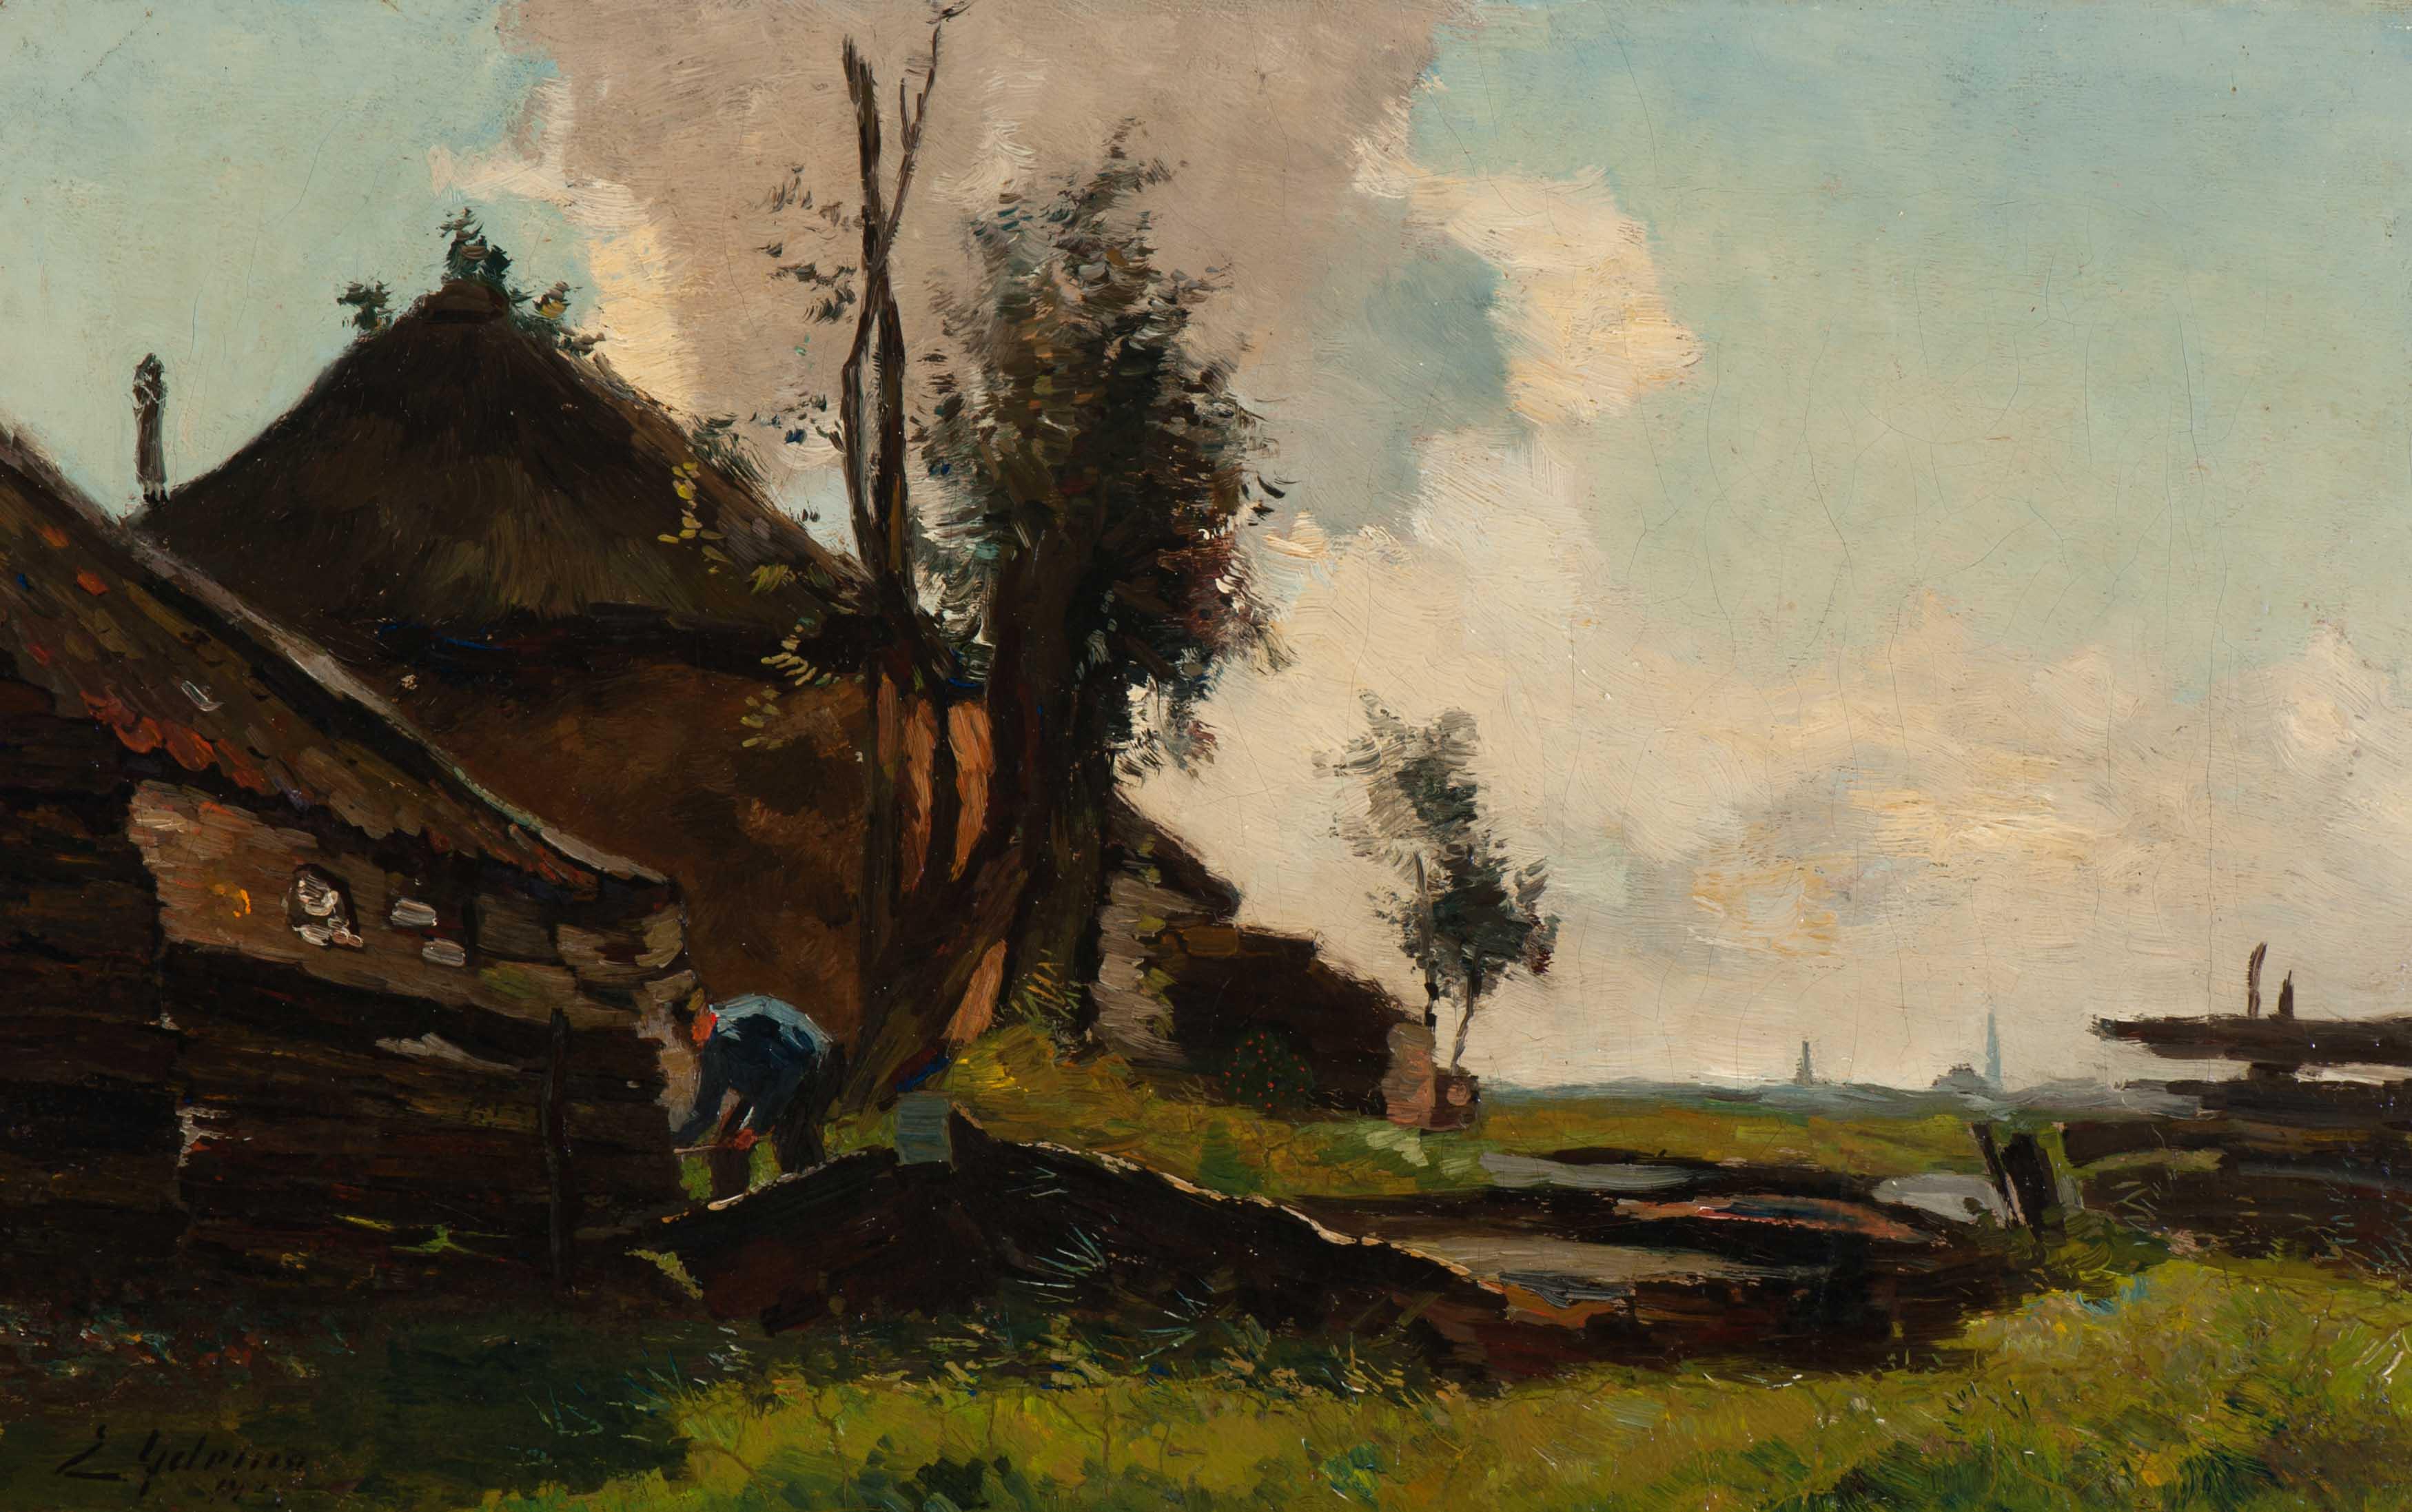 Boerderij in een polderlandschap